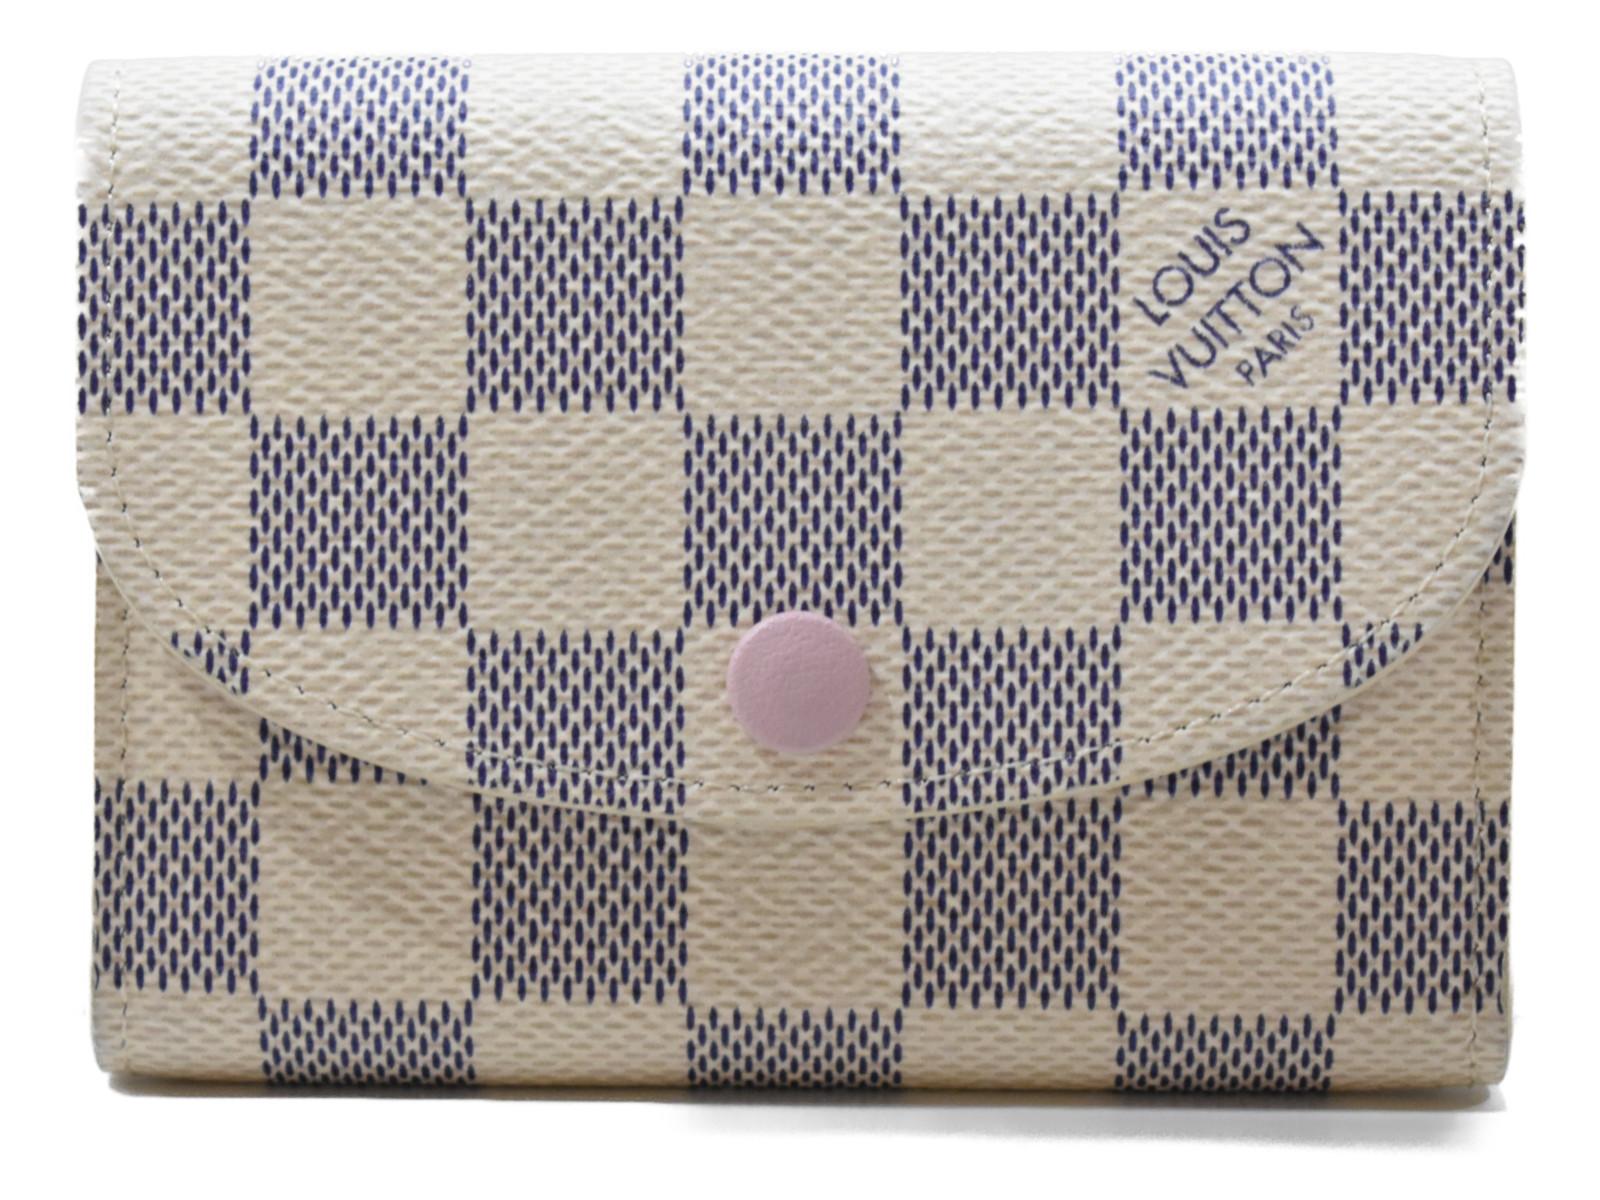 LOUISVUITTONポルトモネ・ロザリ N61276 ダミエアズール/ピンク系 コーティングキャンバス レディース メンズ ユニセックス ミニ財布 コンパクト財布 プレゼント包装可  【中古】